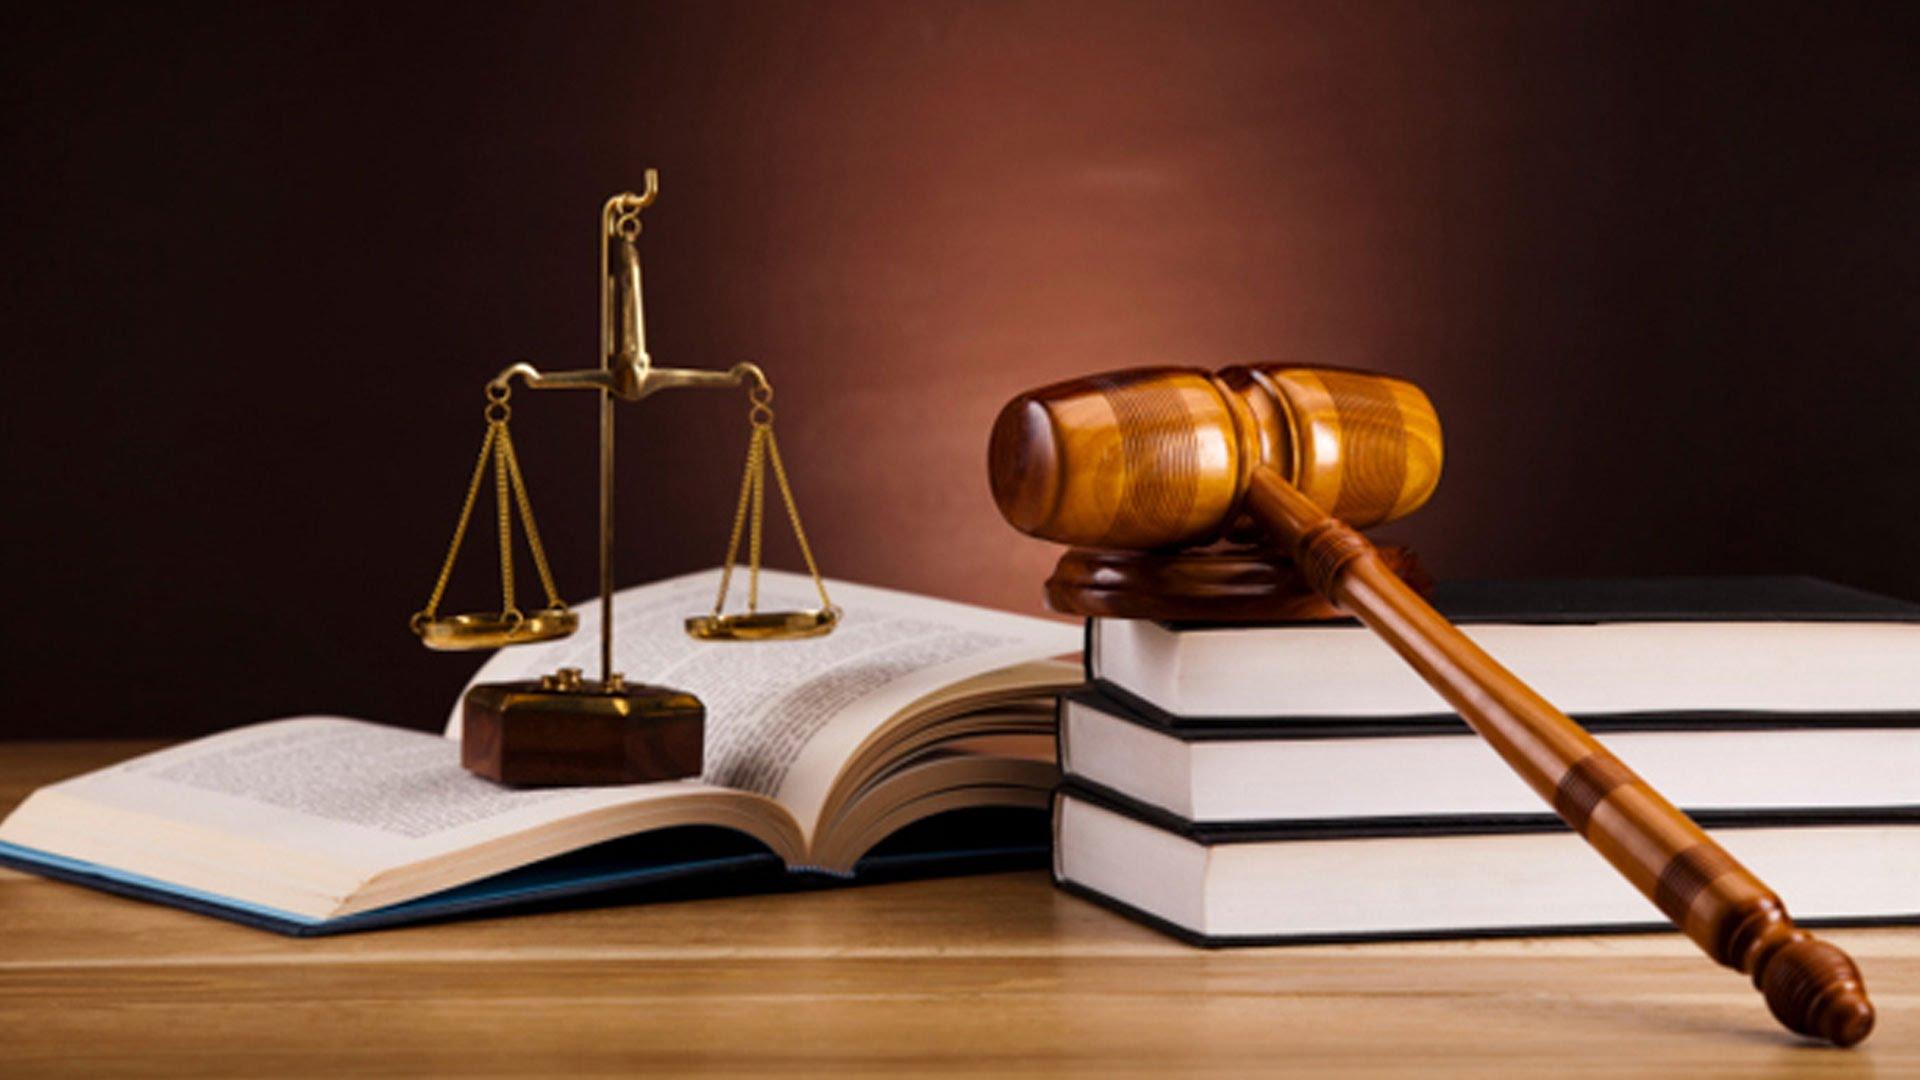 kars kadastro ve hukuk mahkemeleri danışmanlık hizmeti